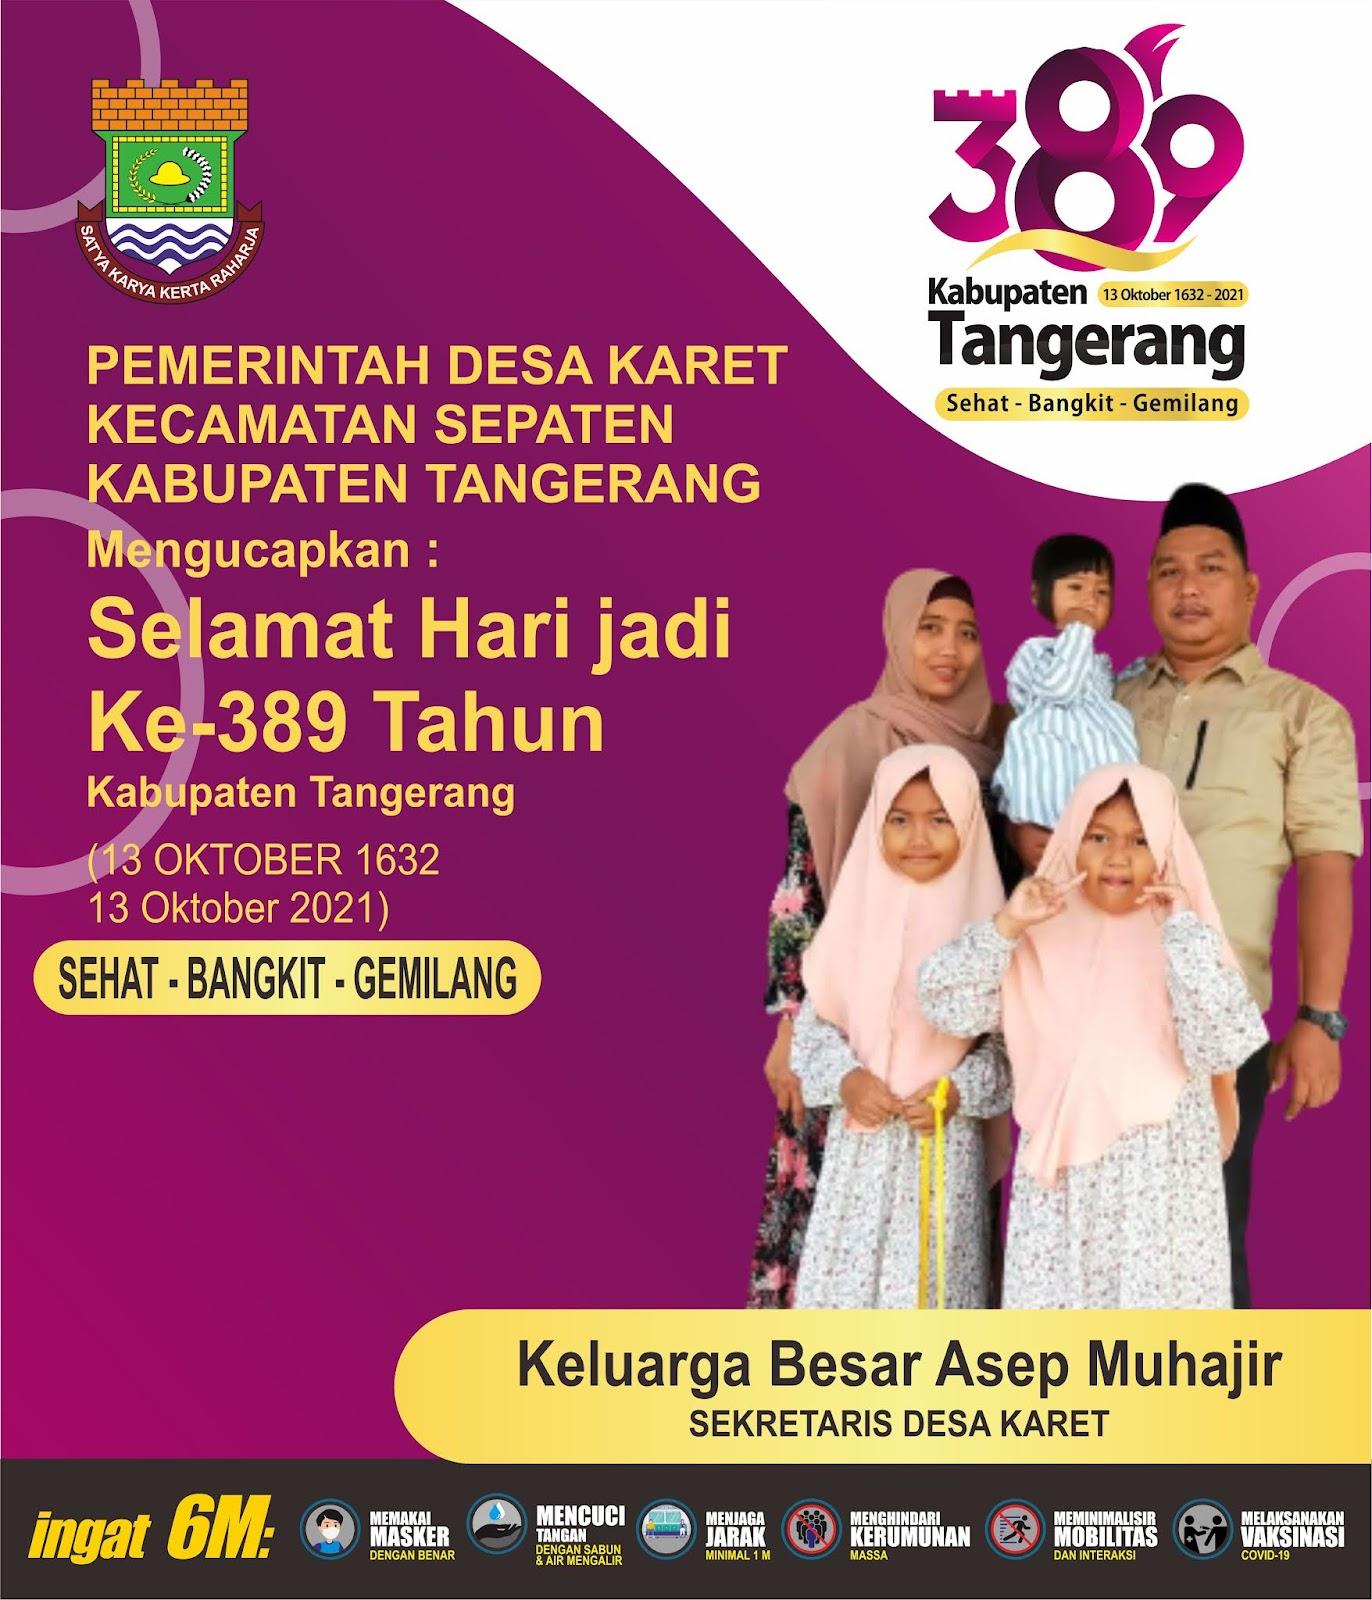 Hari Jadi Kabupaten Tangerang Ke-389 Pemerintah Desa Karet Kecamatan Sepatan